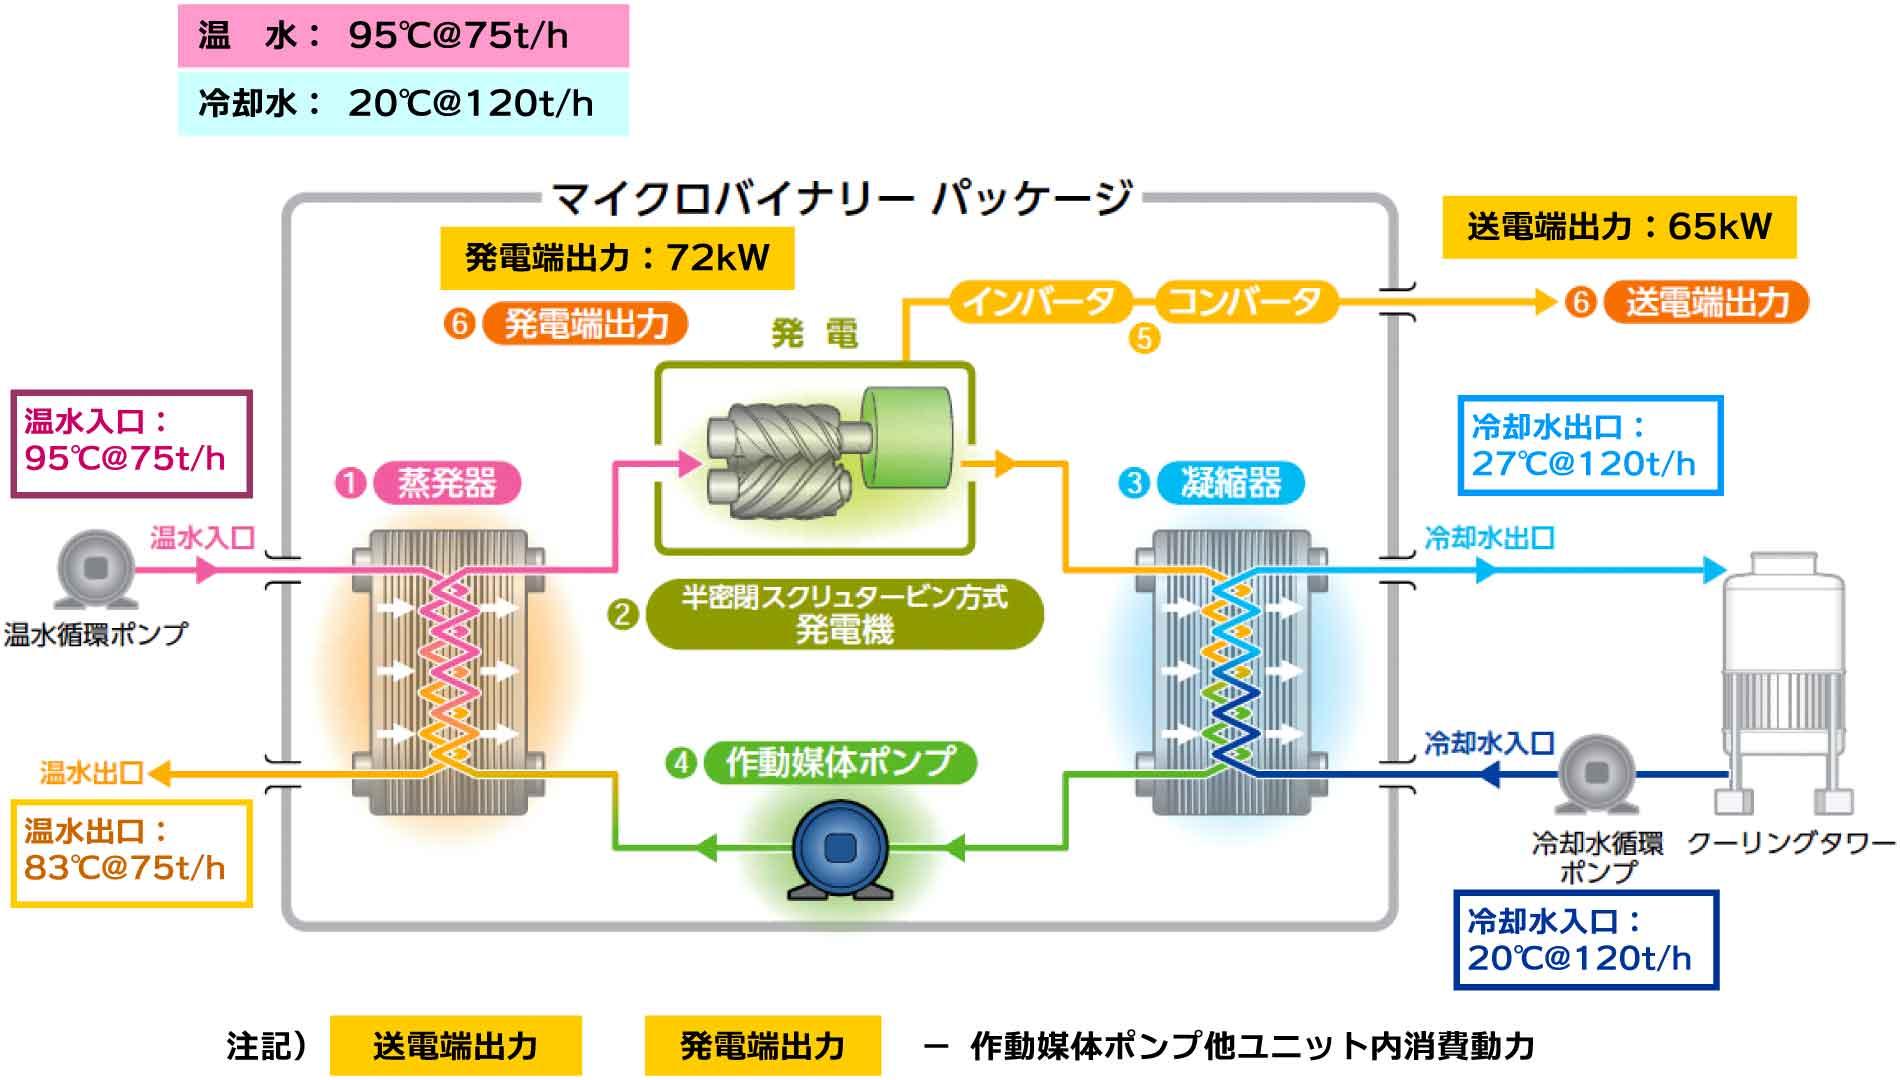 マイクロバイナリーの発電システムフロー(オーガニックランキンサイクル)